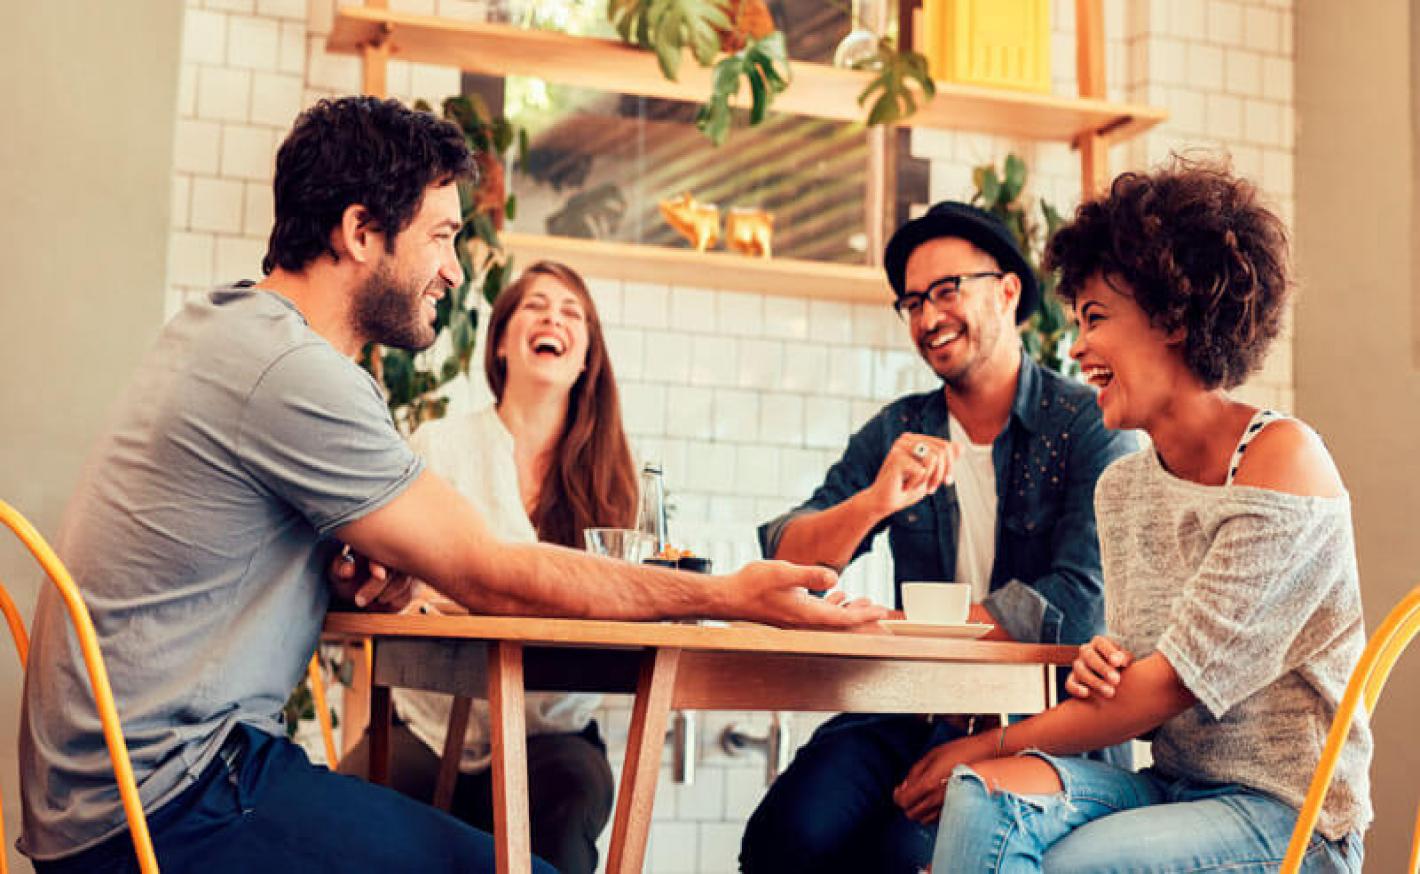 Mesas personalizadas o elo entre a sua marca e o cliente